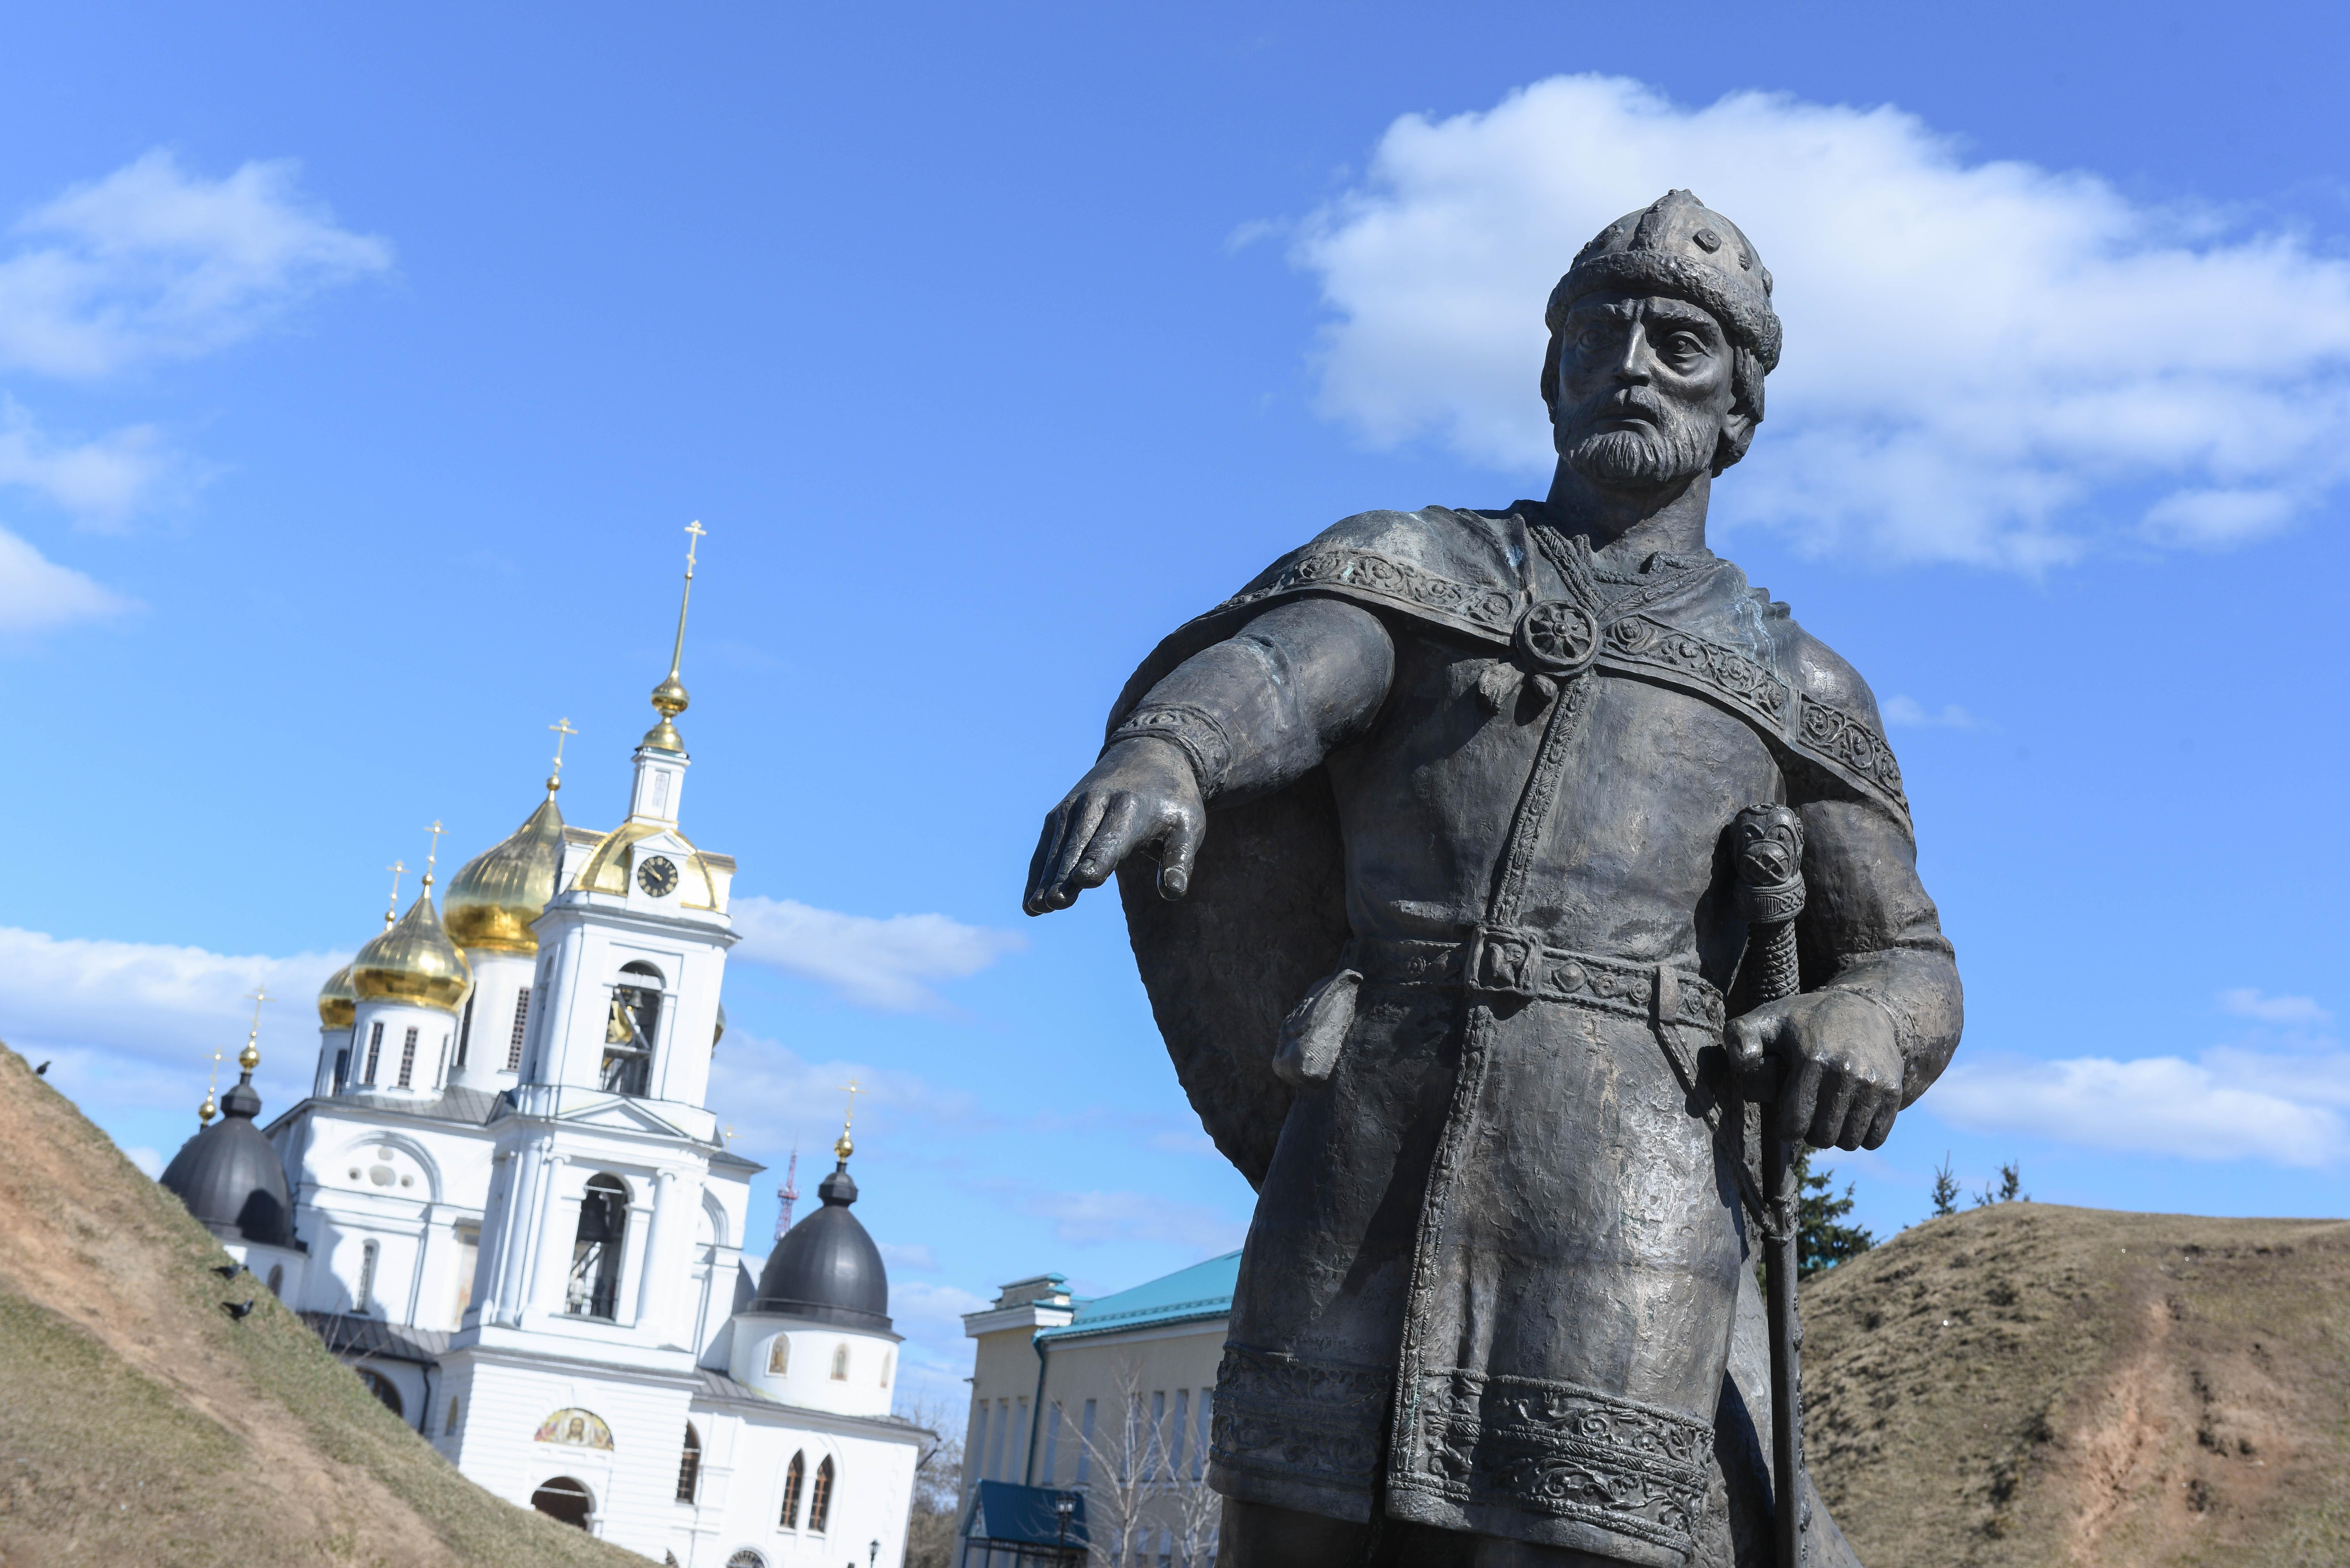 Дмитровский кремль и памятник Юрию Долгорукому